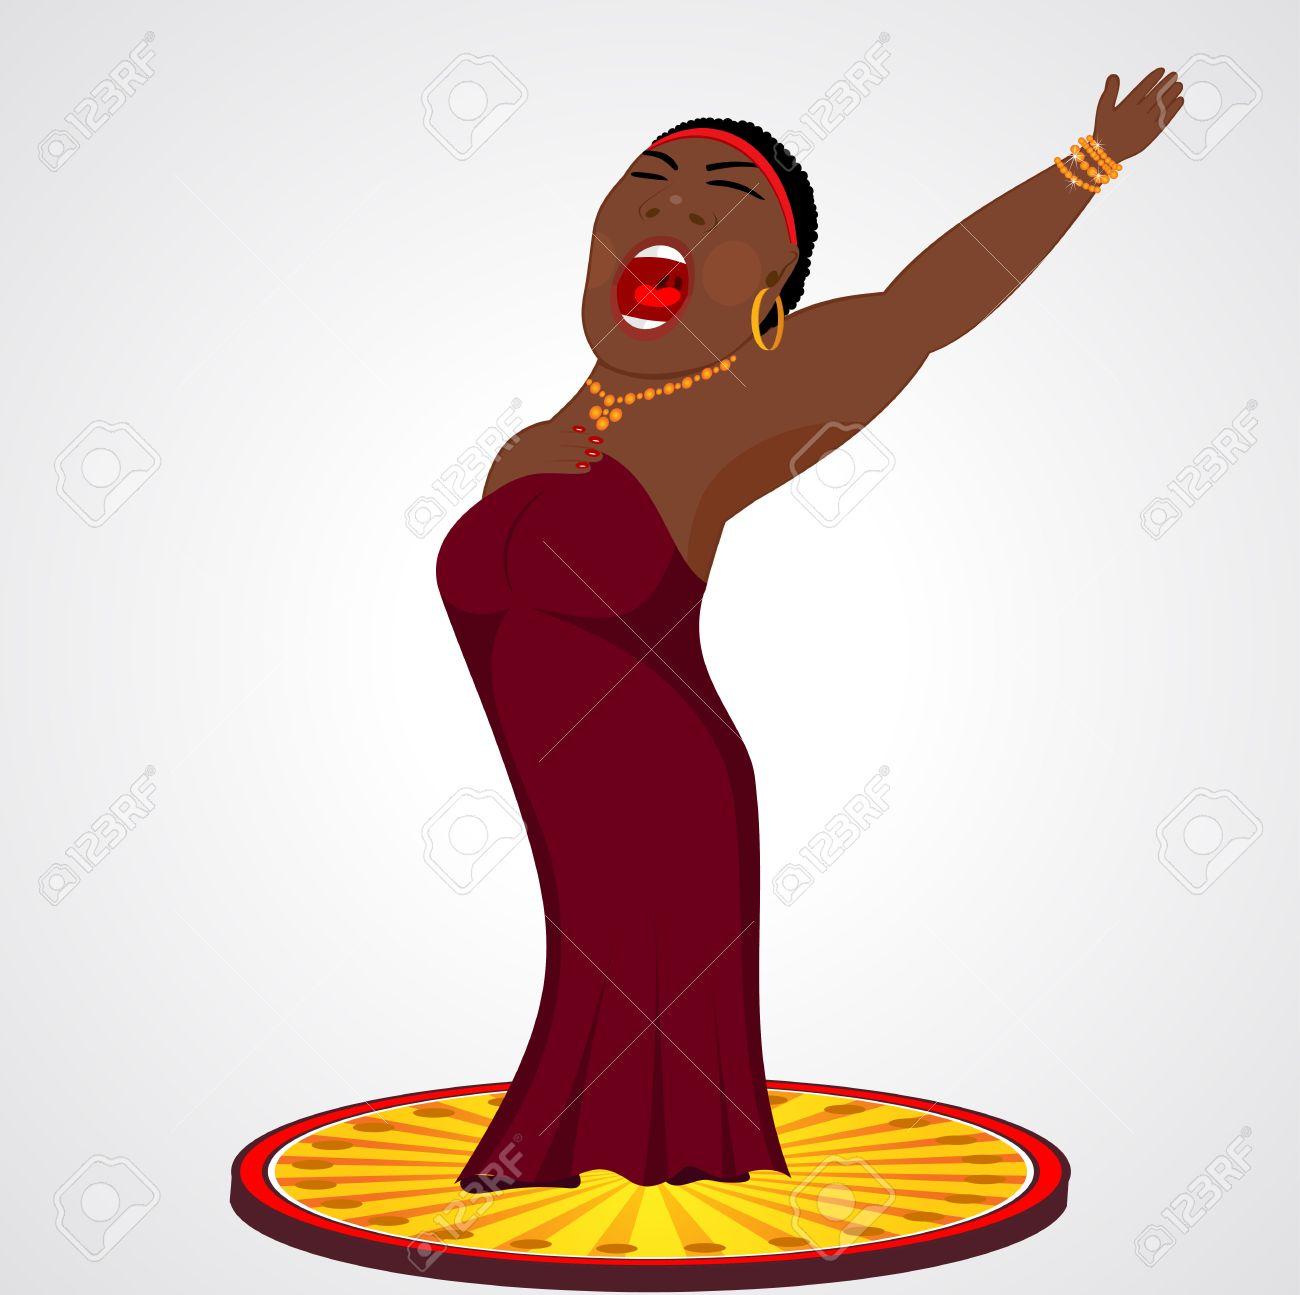 hight resolution of cartoon illustration of black jazz opera singer stock vector 41134701